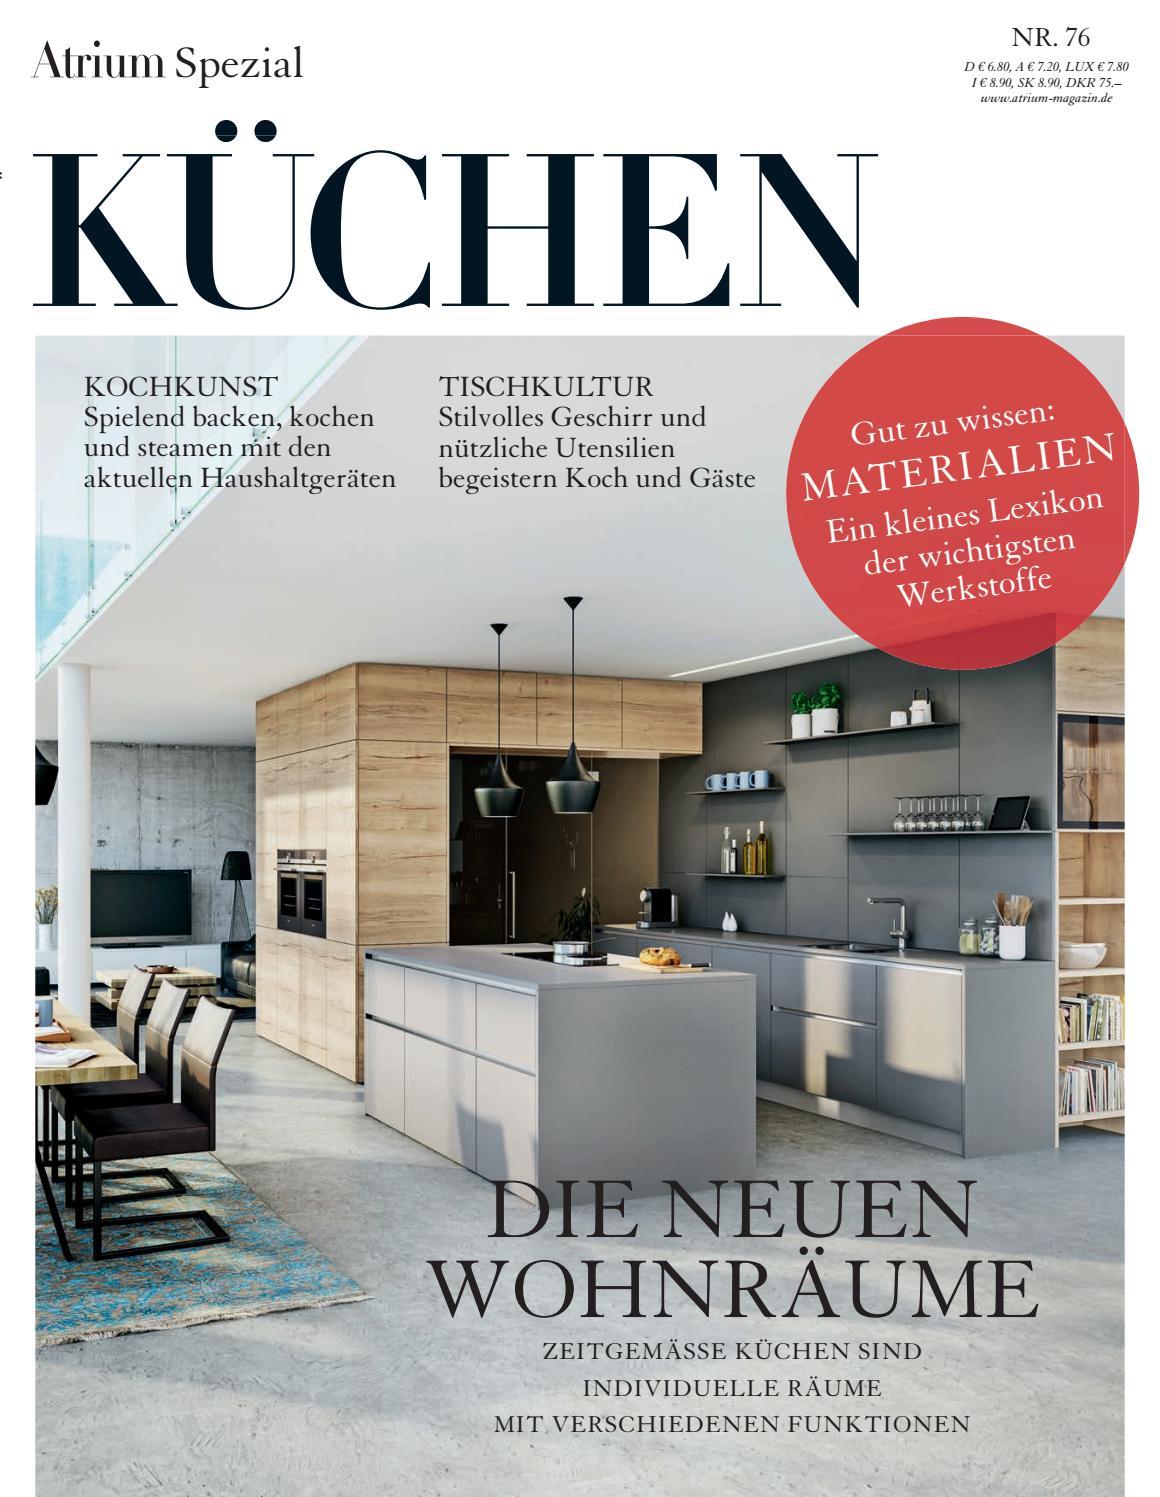 Atrium Spezial – Küchen 2016/17 by Archithema Verlag - issuu